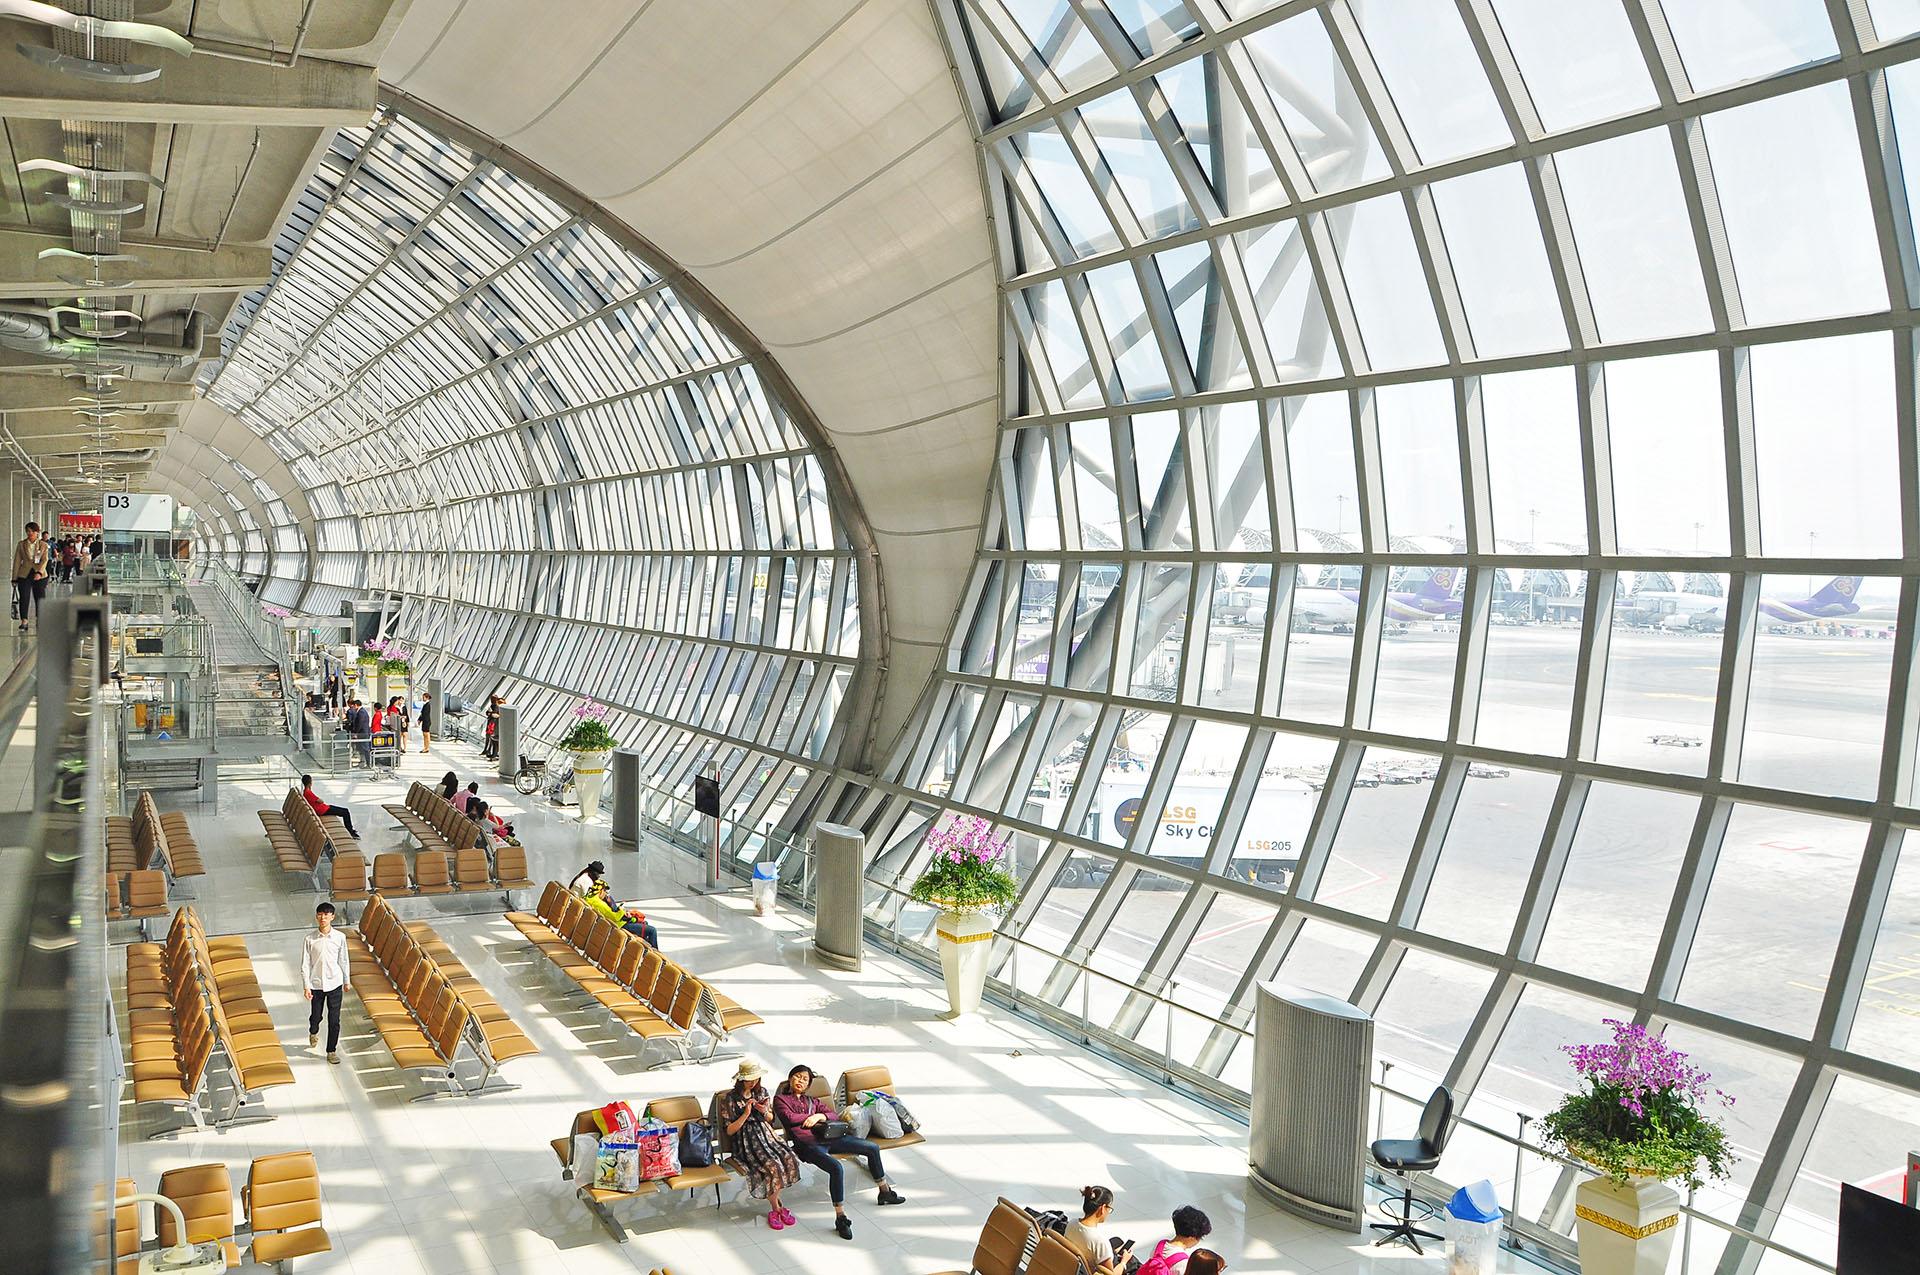 Inaugurado en 2006, el aeropuerto de Suvarnabhumi es el más nuevo de los dos aeropuertos en Bangkok, Tailandia